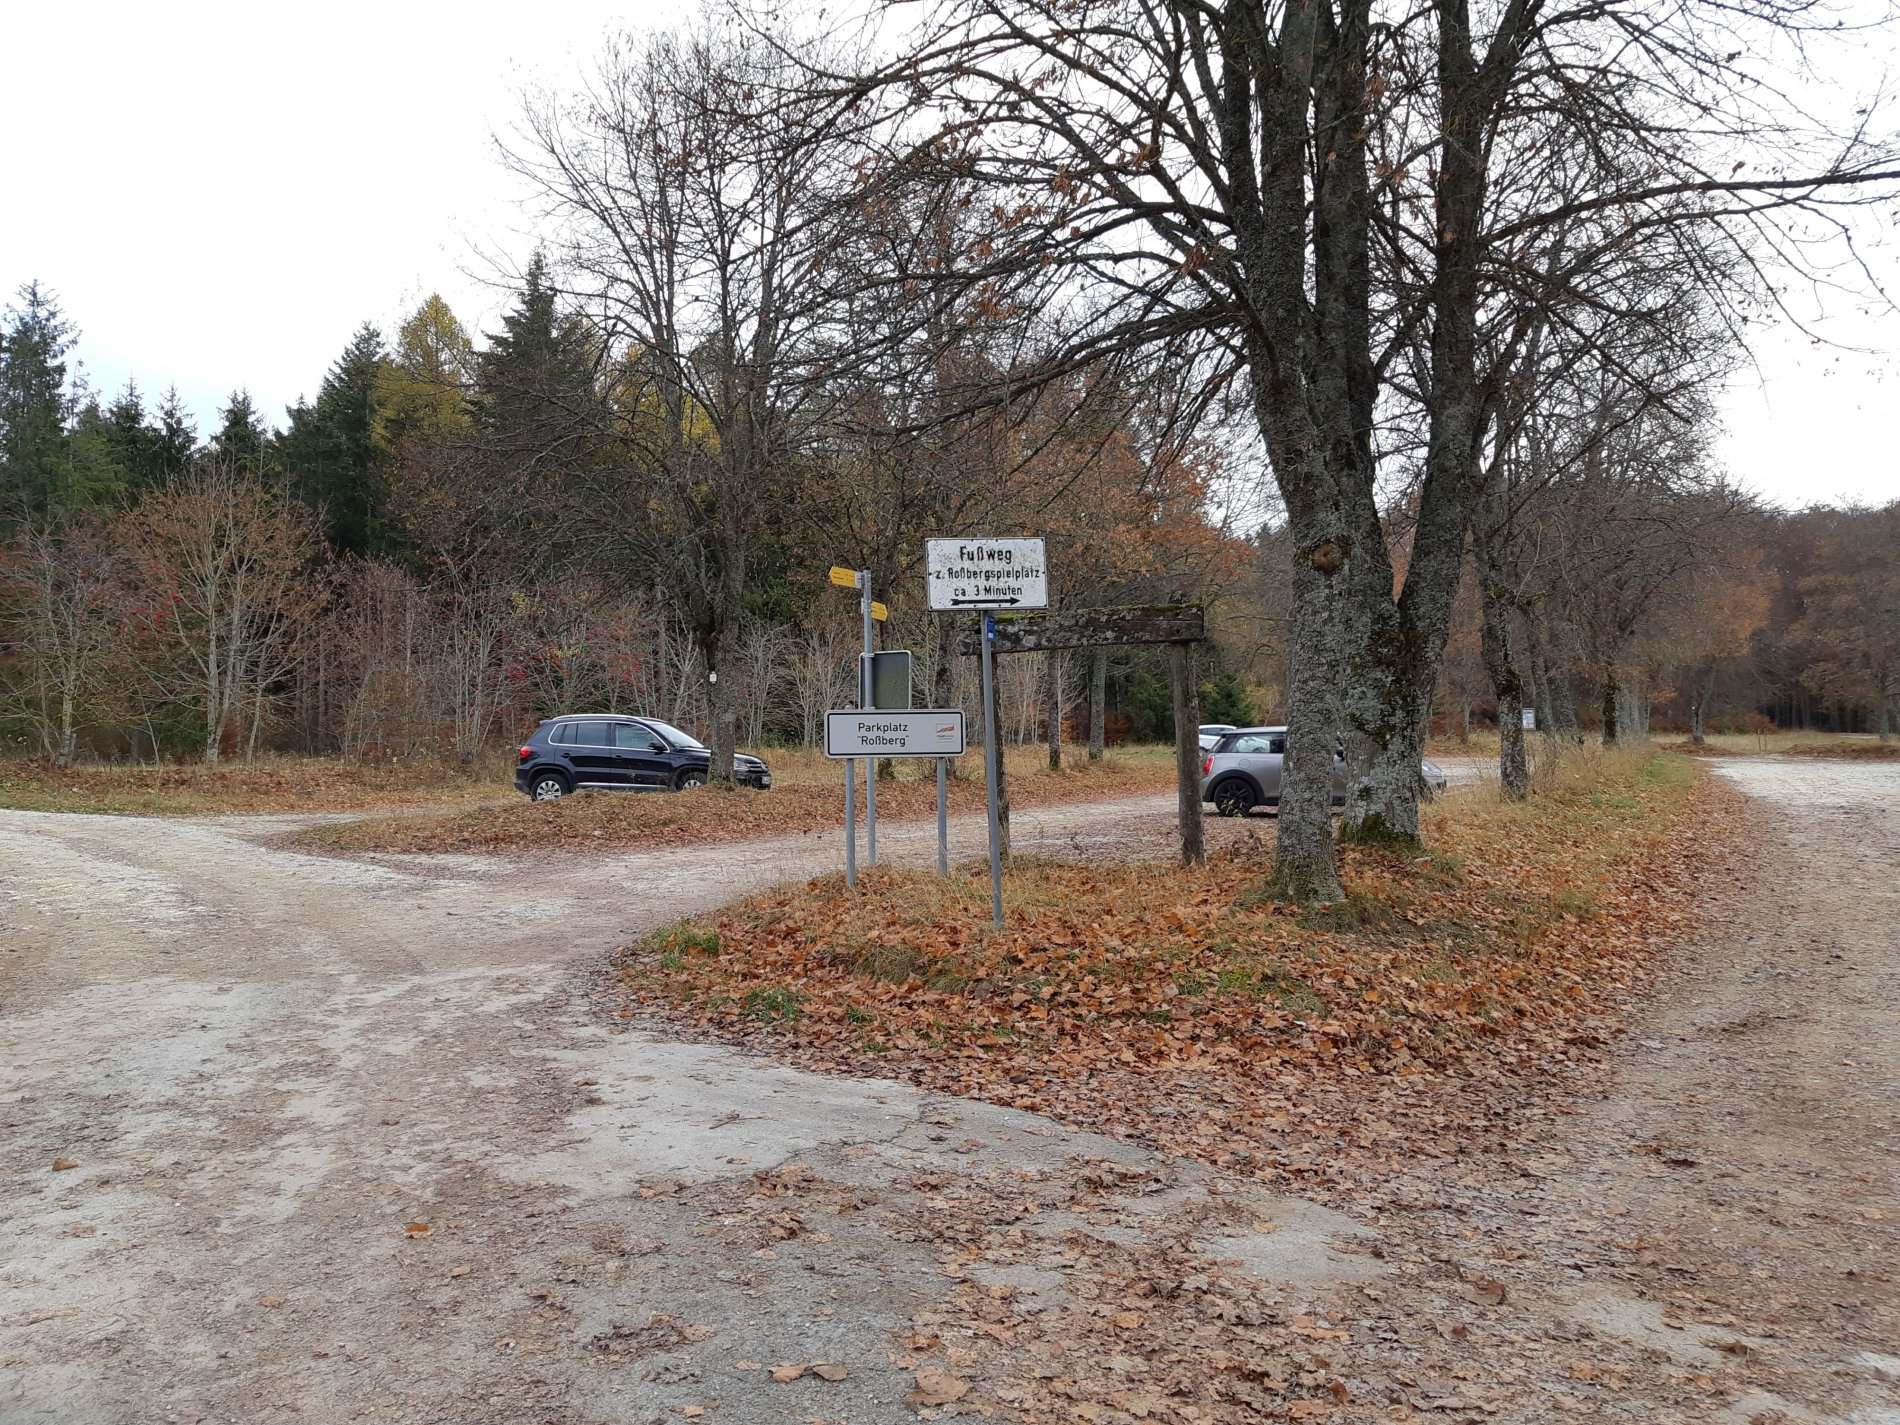 Parkplatz Rossberg in Albstadt-Ebingen - Traufgang Schlossfelsenpfad